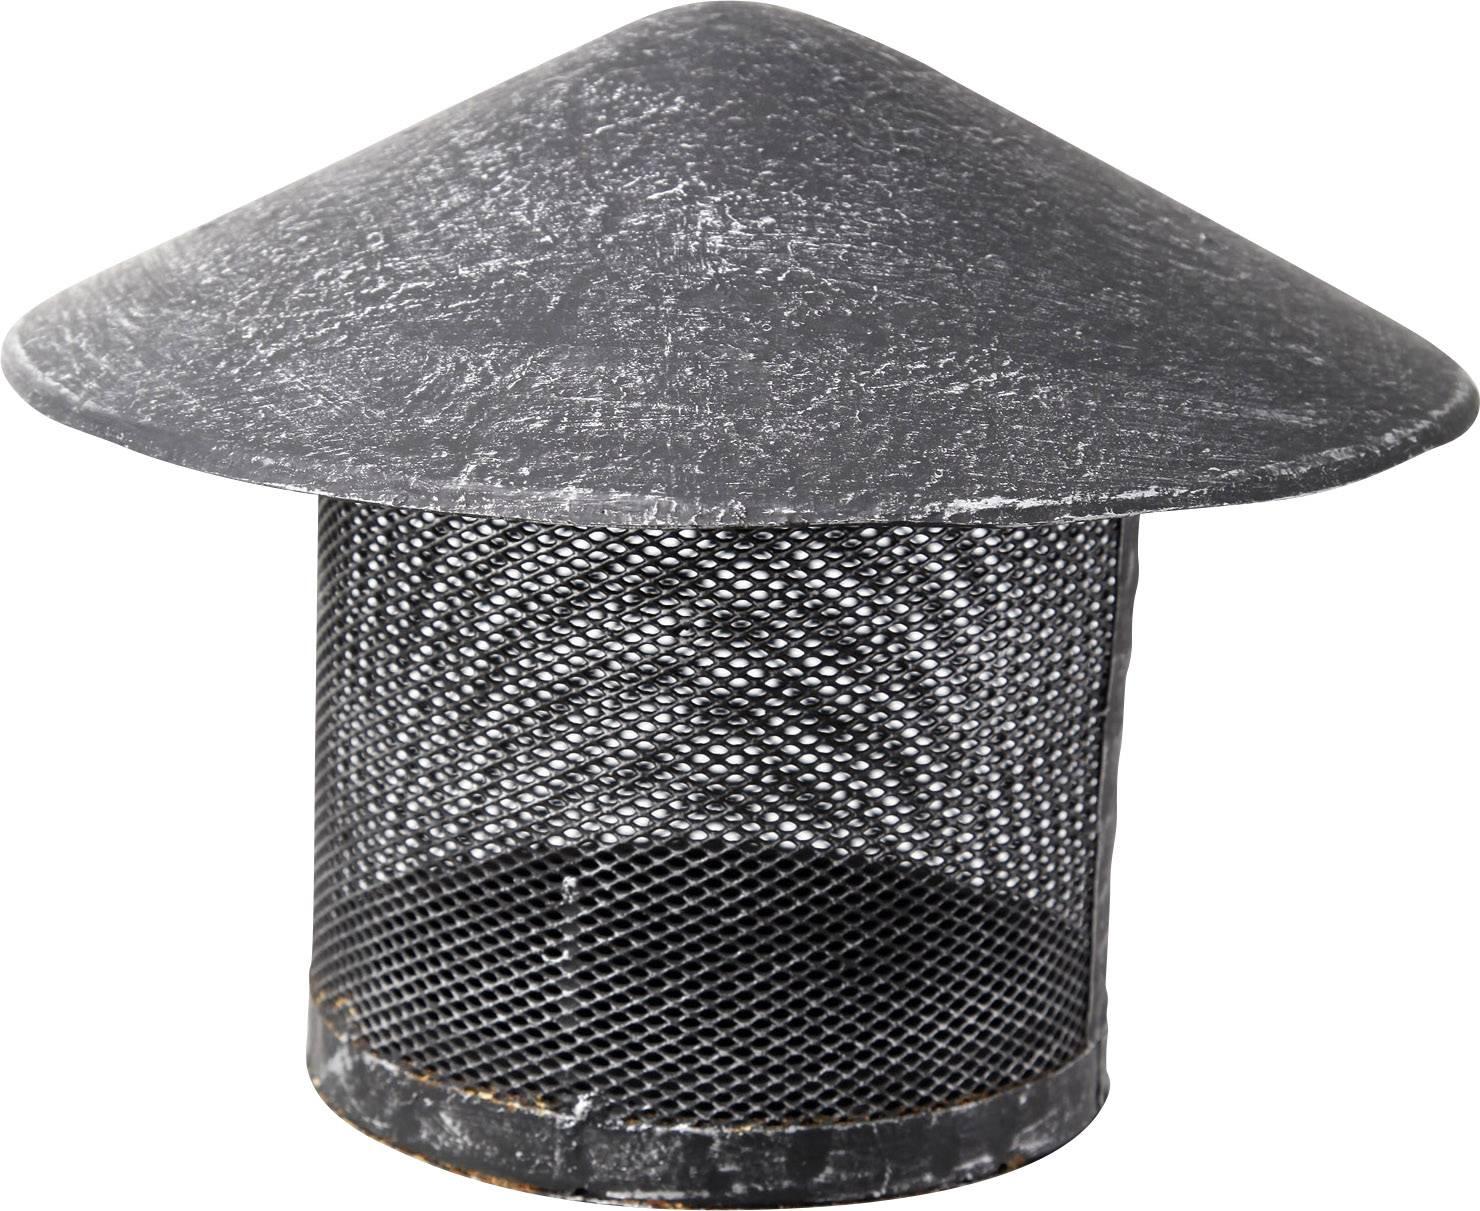 Feuerstelle Garten Rund : Feuerstelle garten elegant tisch mit feuerstelle garten